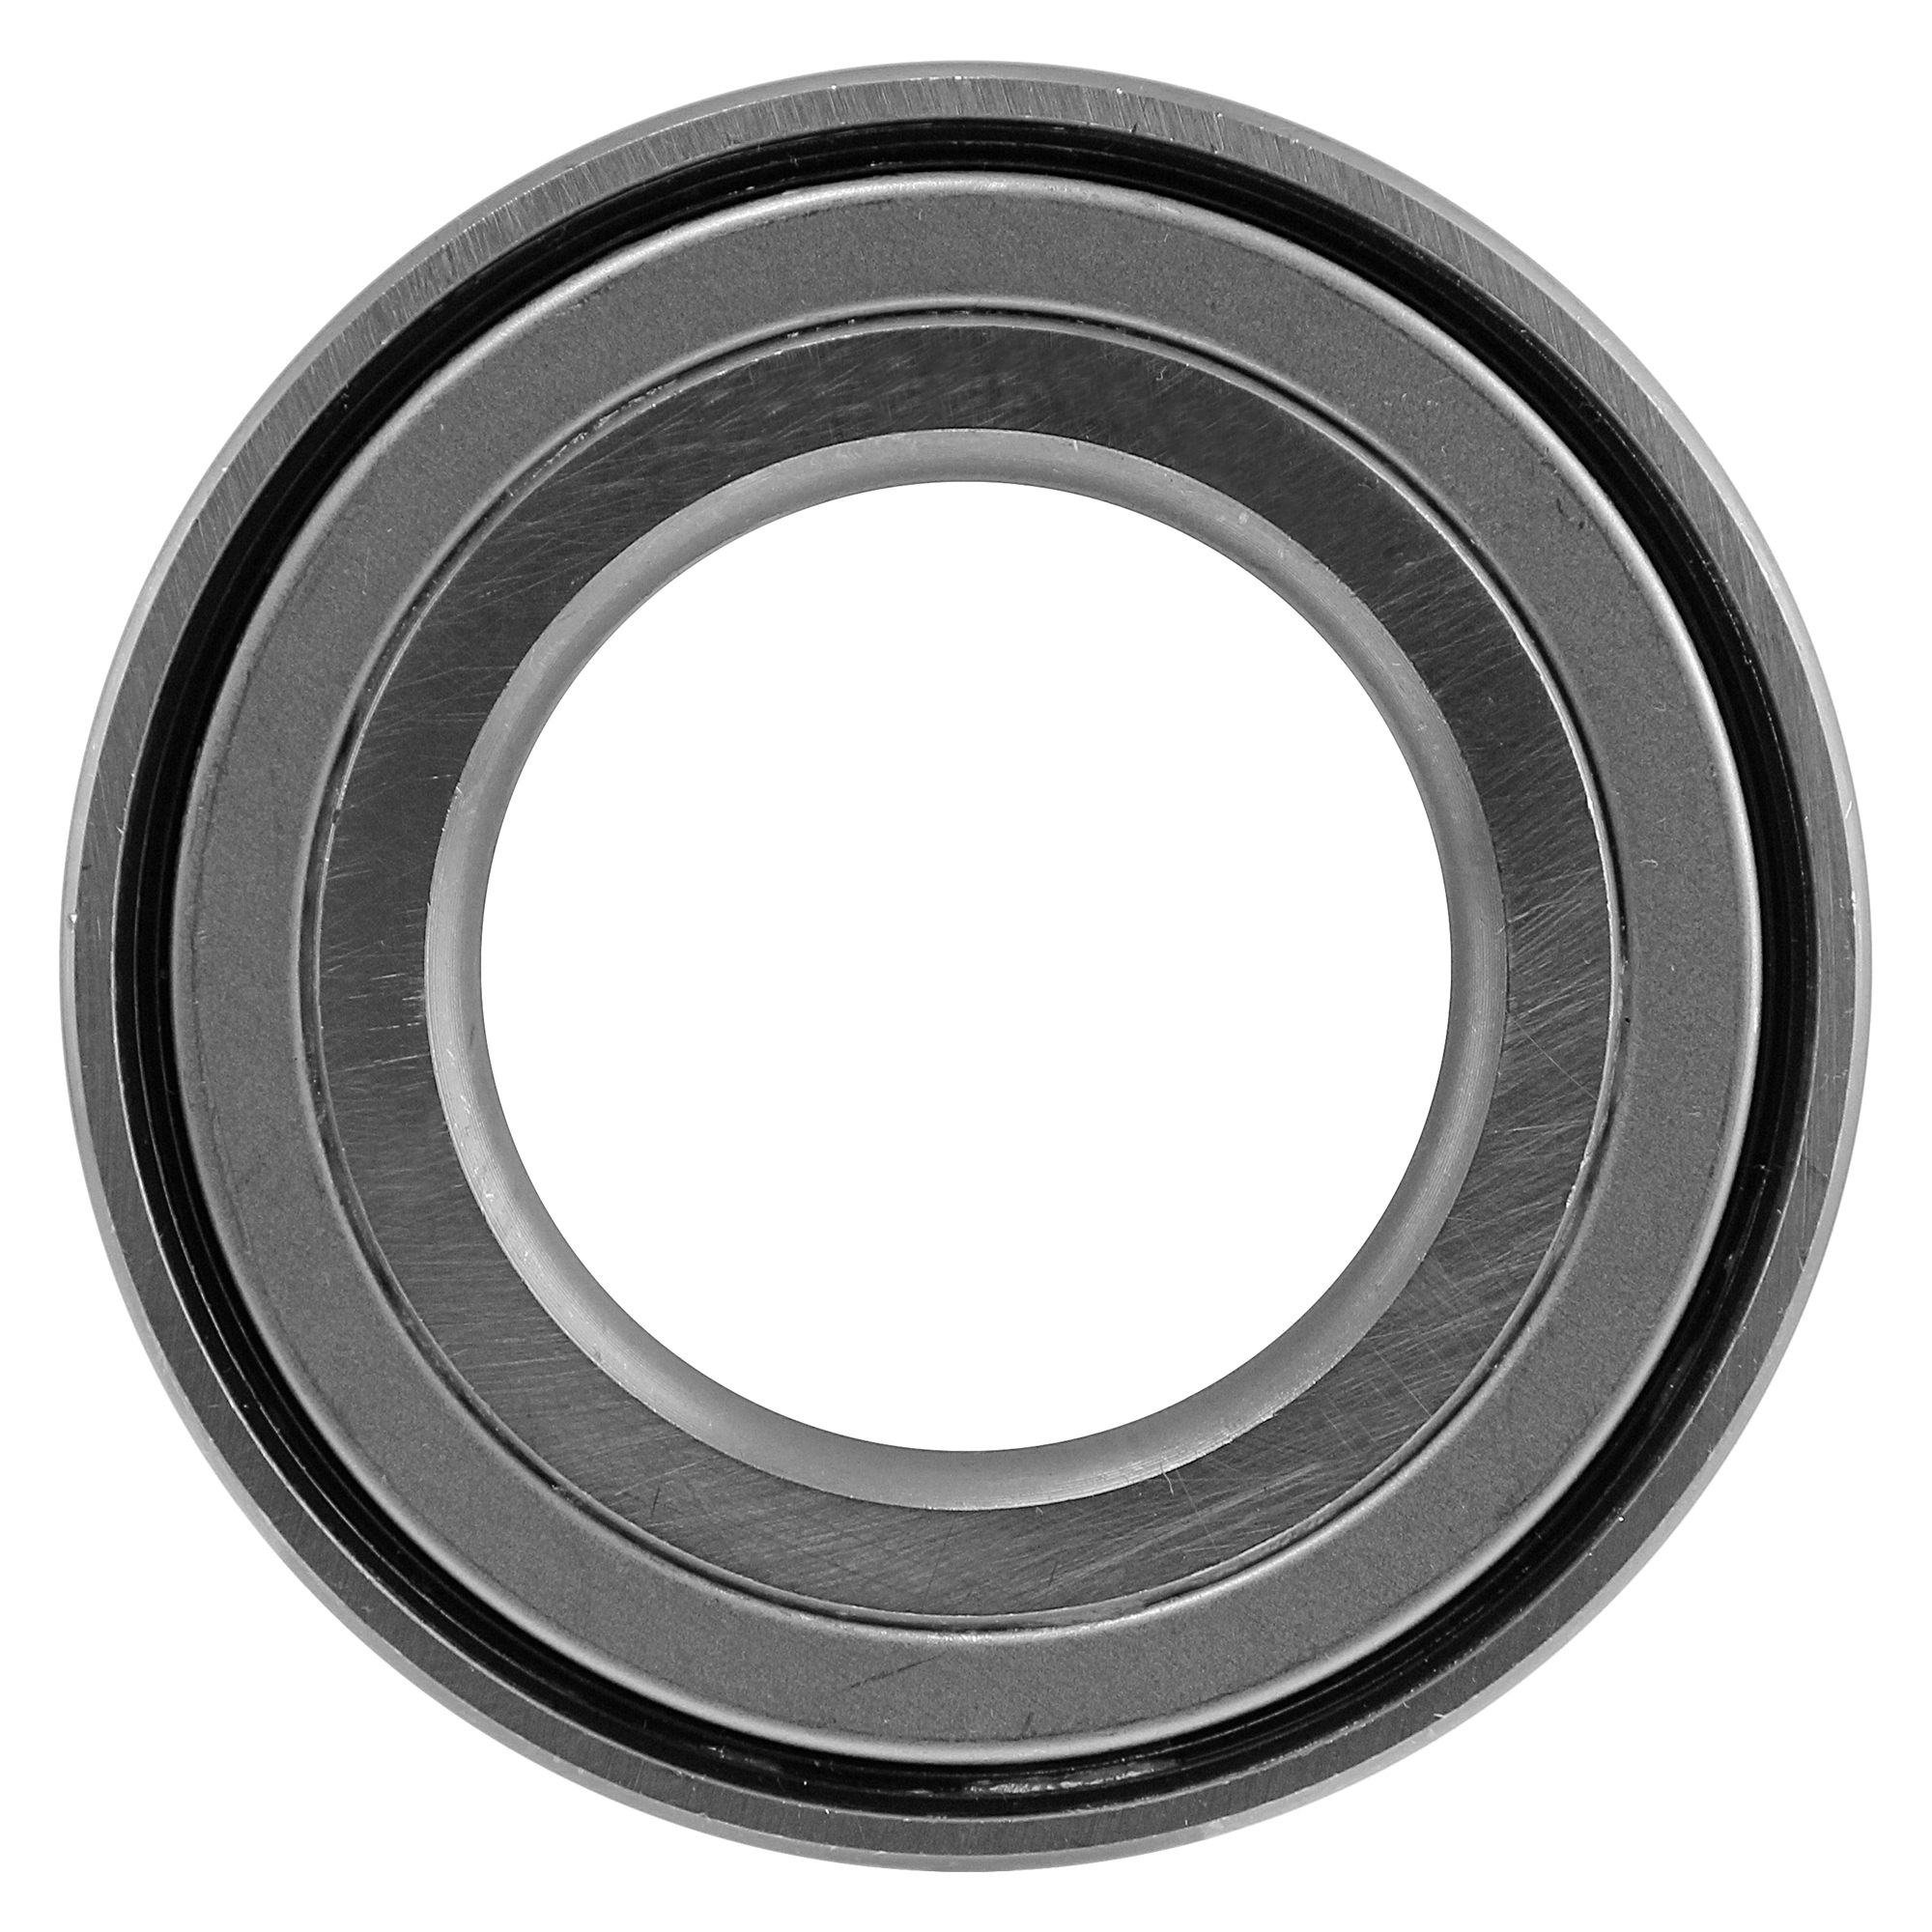 بلبرينگ چرخ جلو جي پي جي مدل 428045 مناسب براي ام وي ام X33